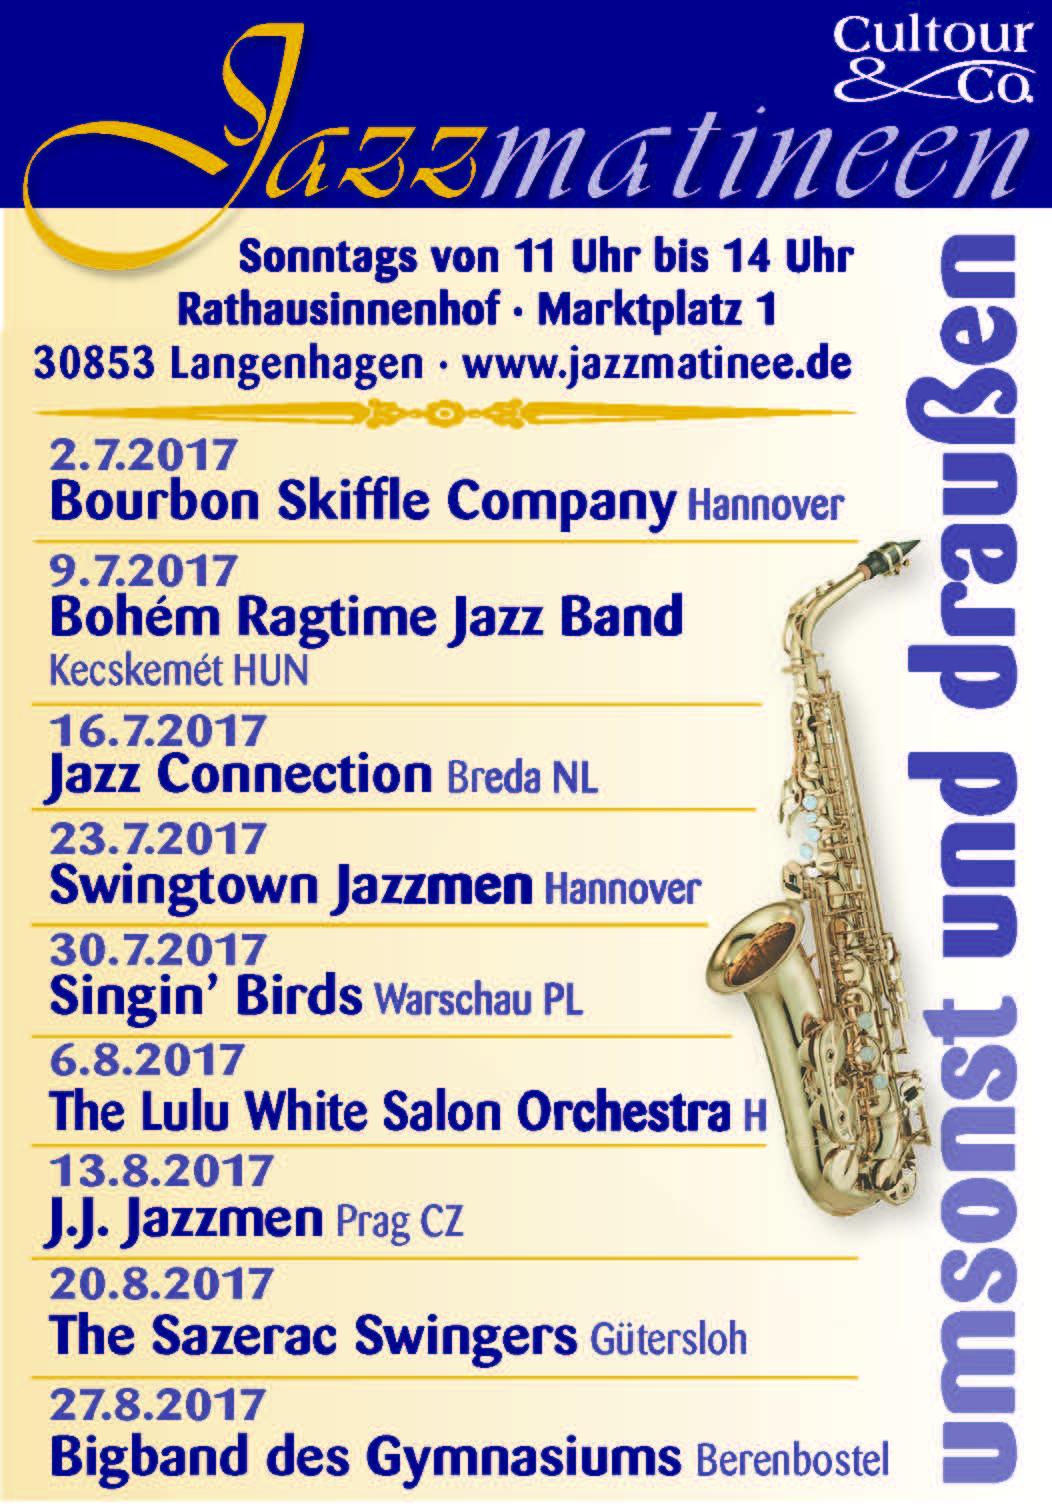 Cultour  Co_Jazz 05-17